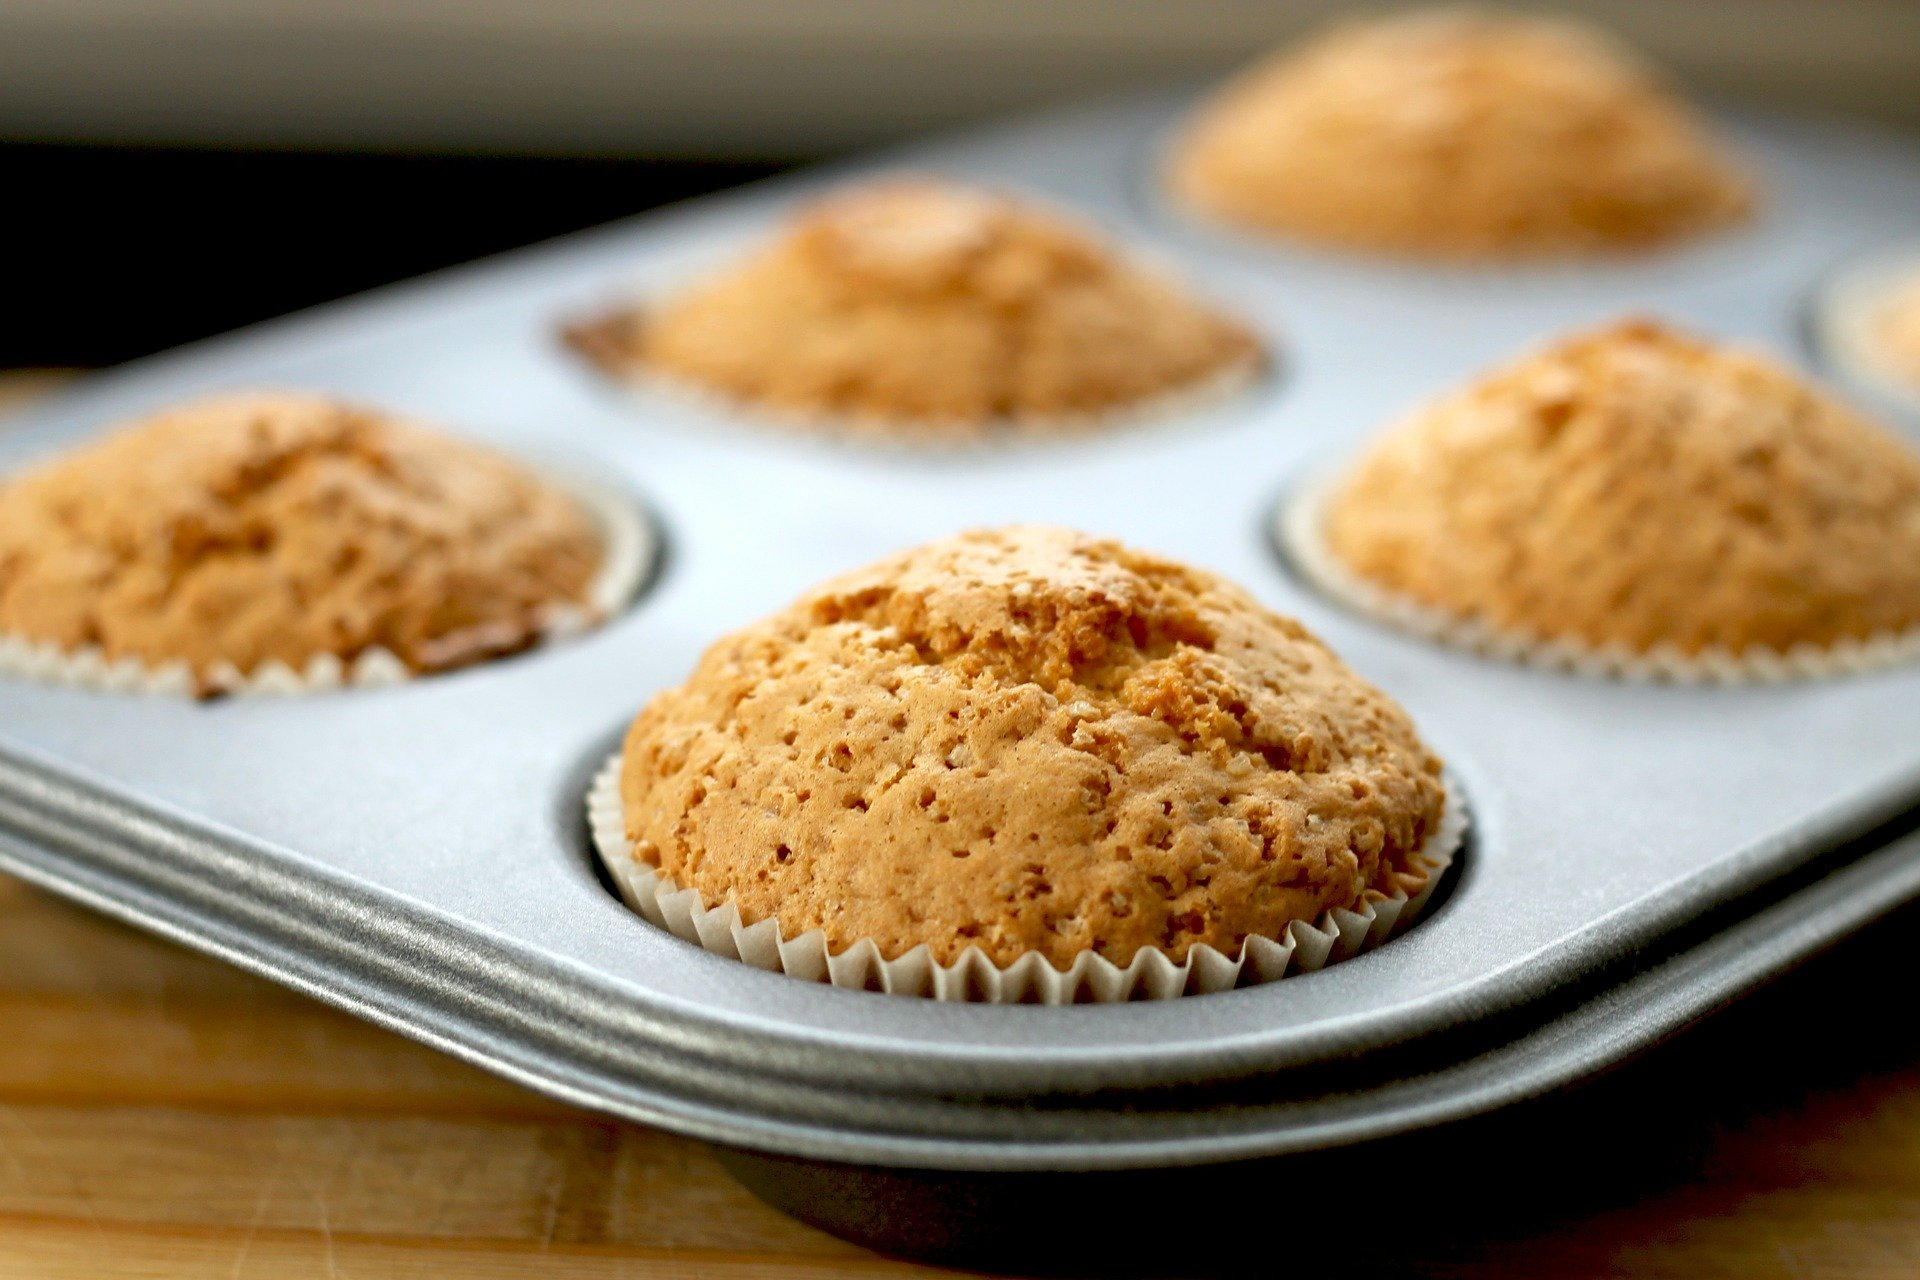 Muffins au son et sirop d'érable